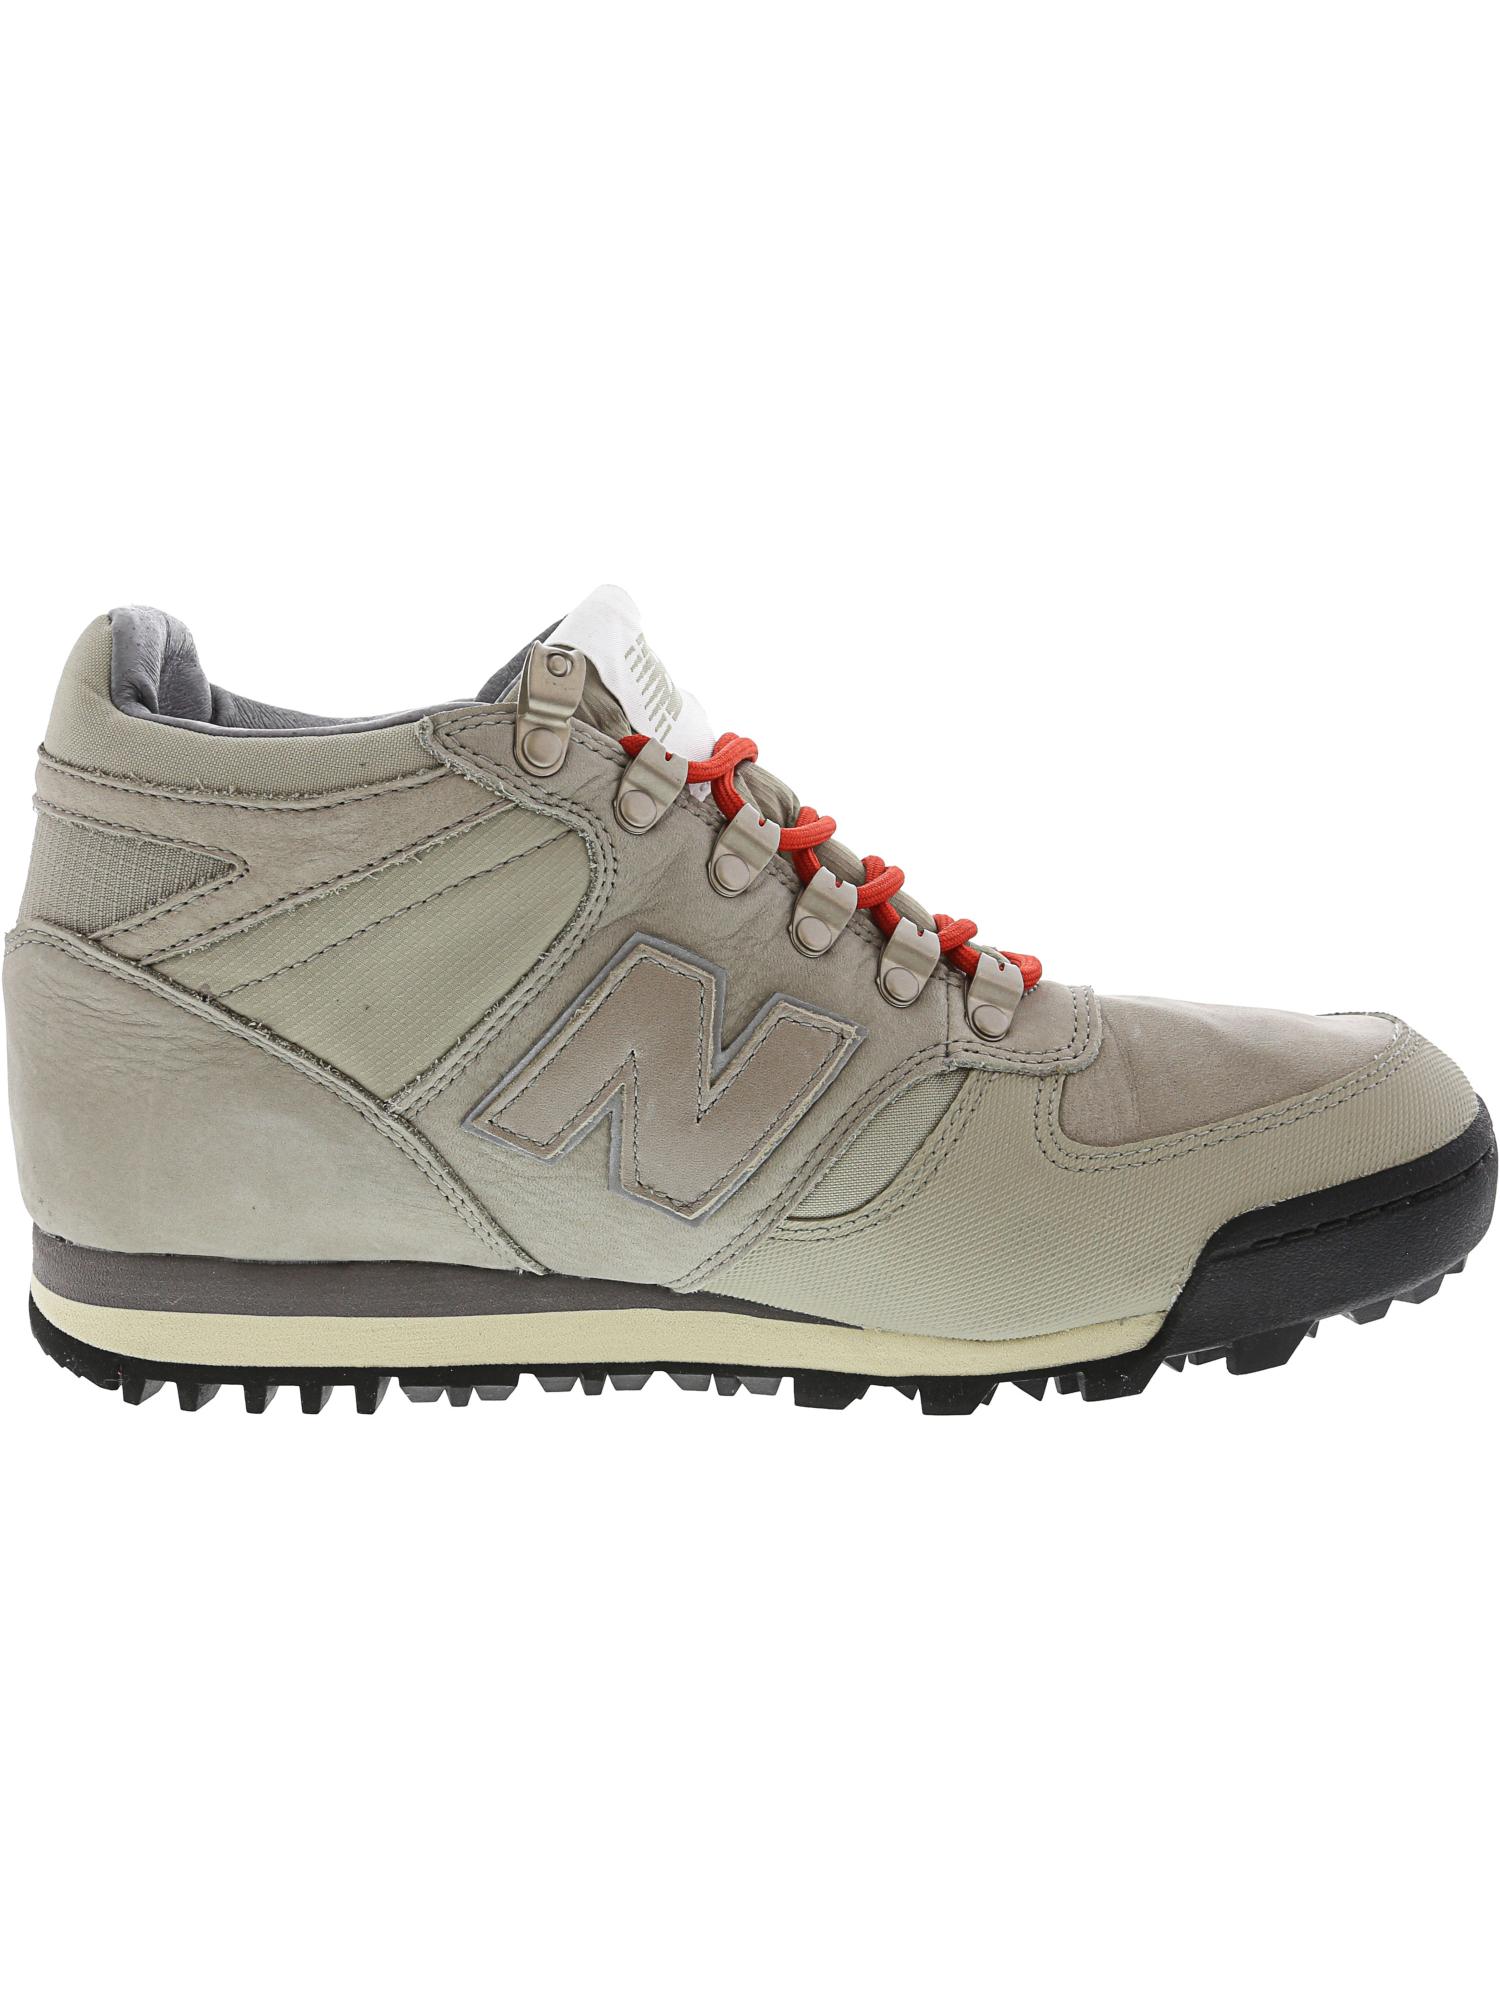 New-Balance-Men-039-s-Hlrain-Ankle-High-Nubuck-Trail-Runner thumbnail 5